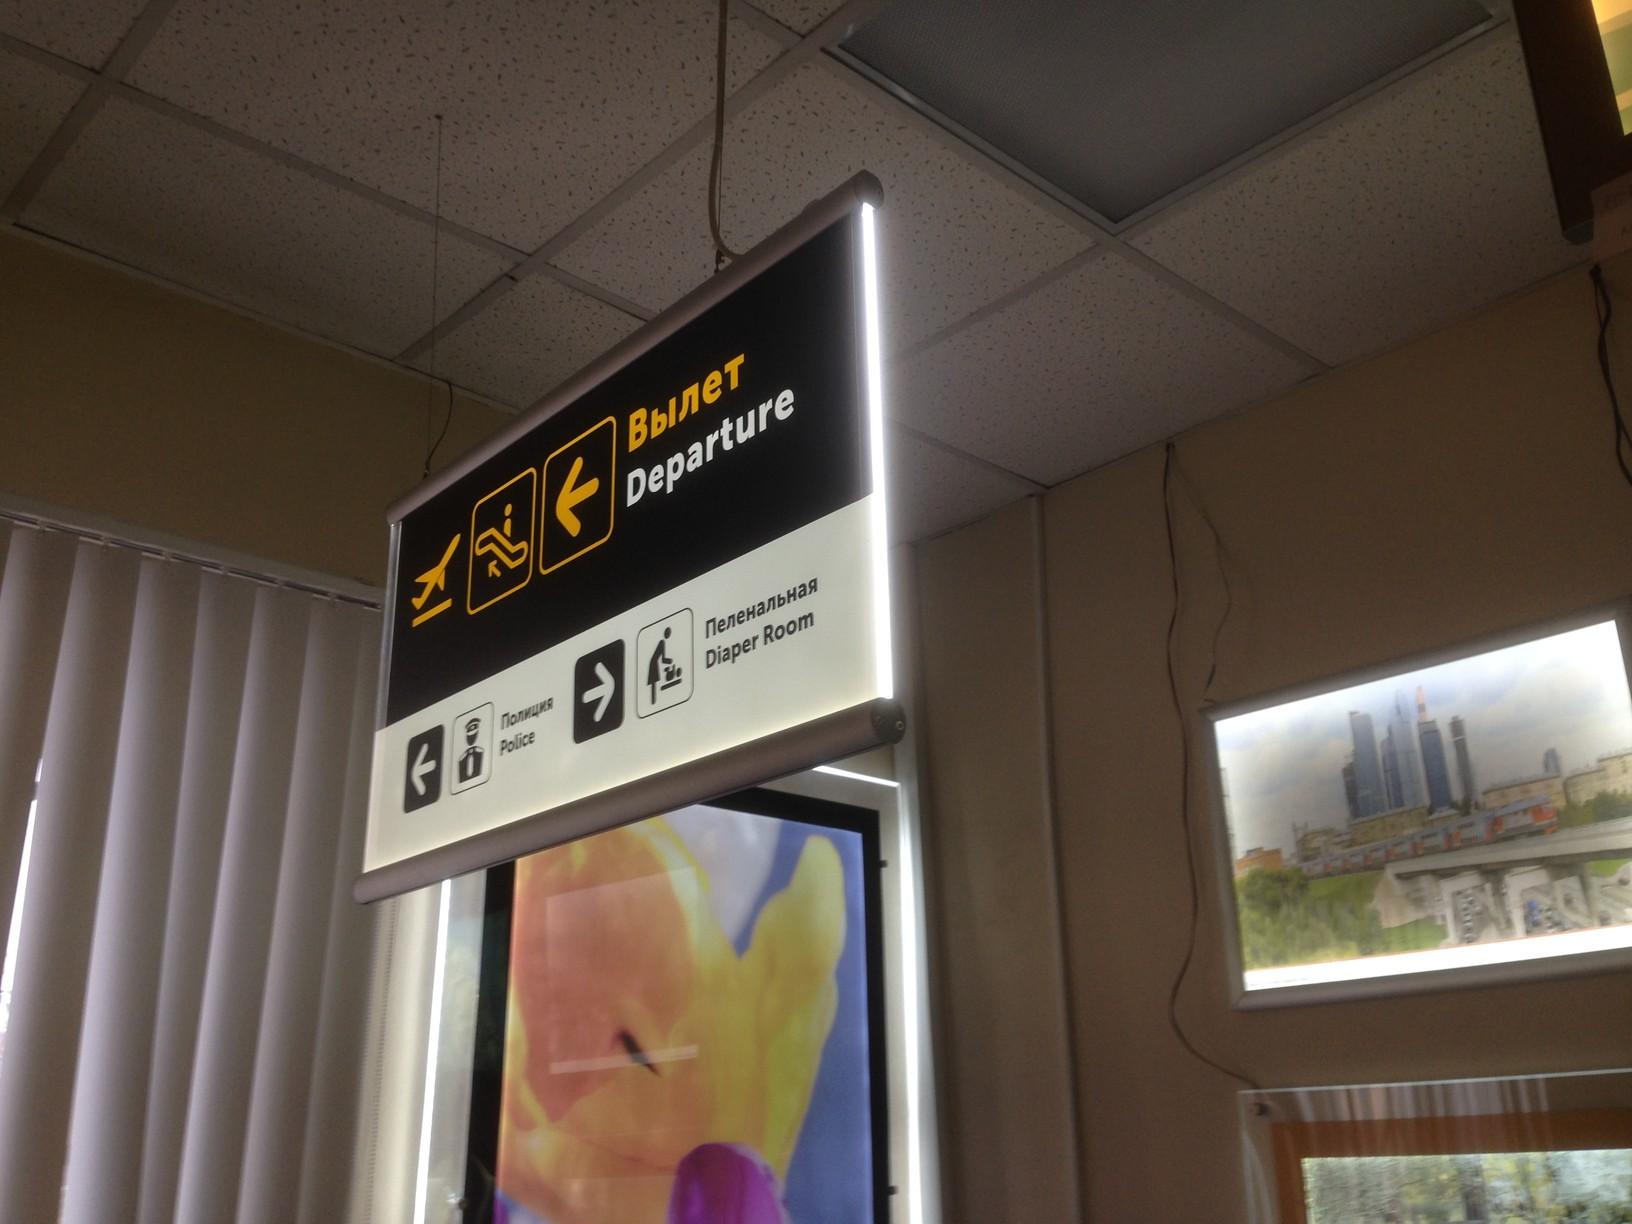 Navigatsionnaya tablichka AcriLight 03 - Изготовление навигационных табличек 2-сторонних для аэропорта и не только